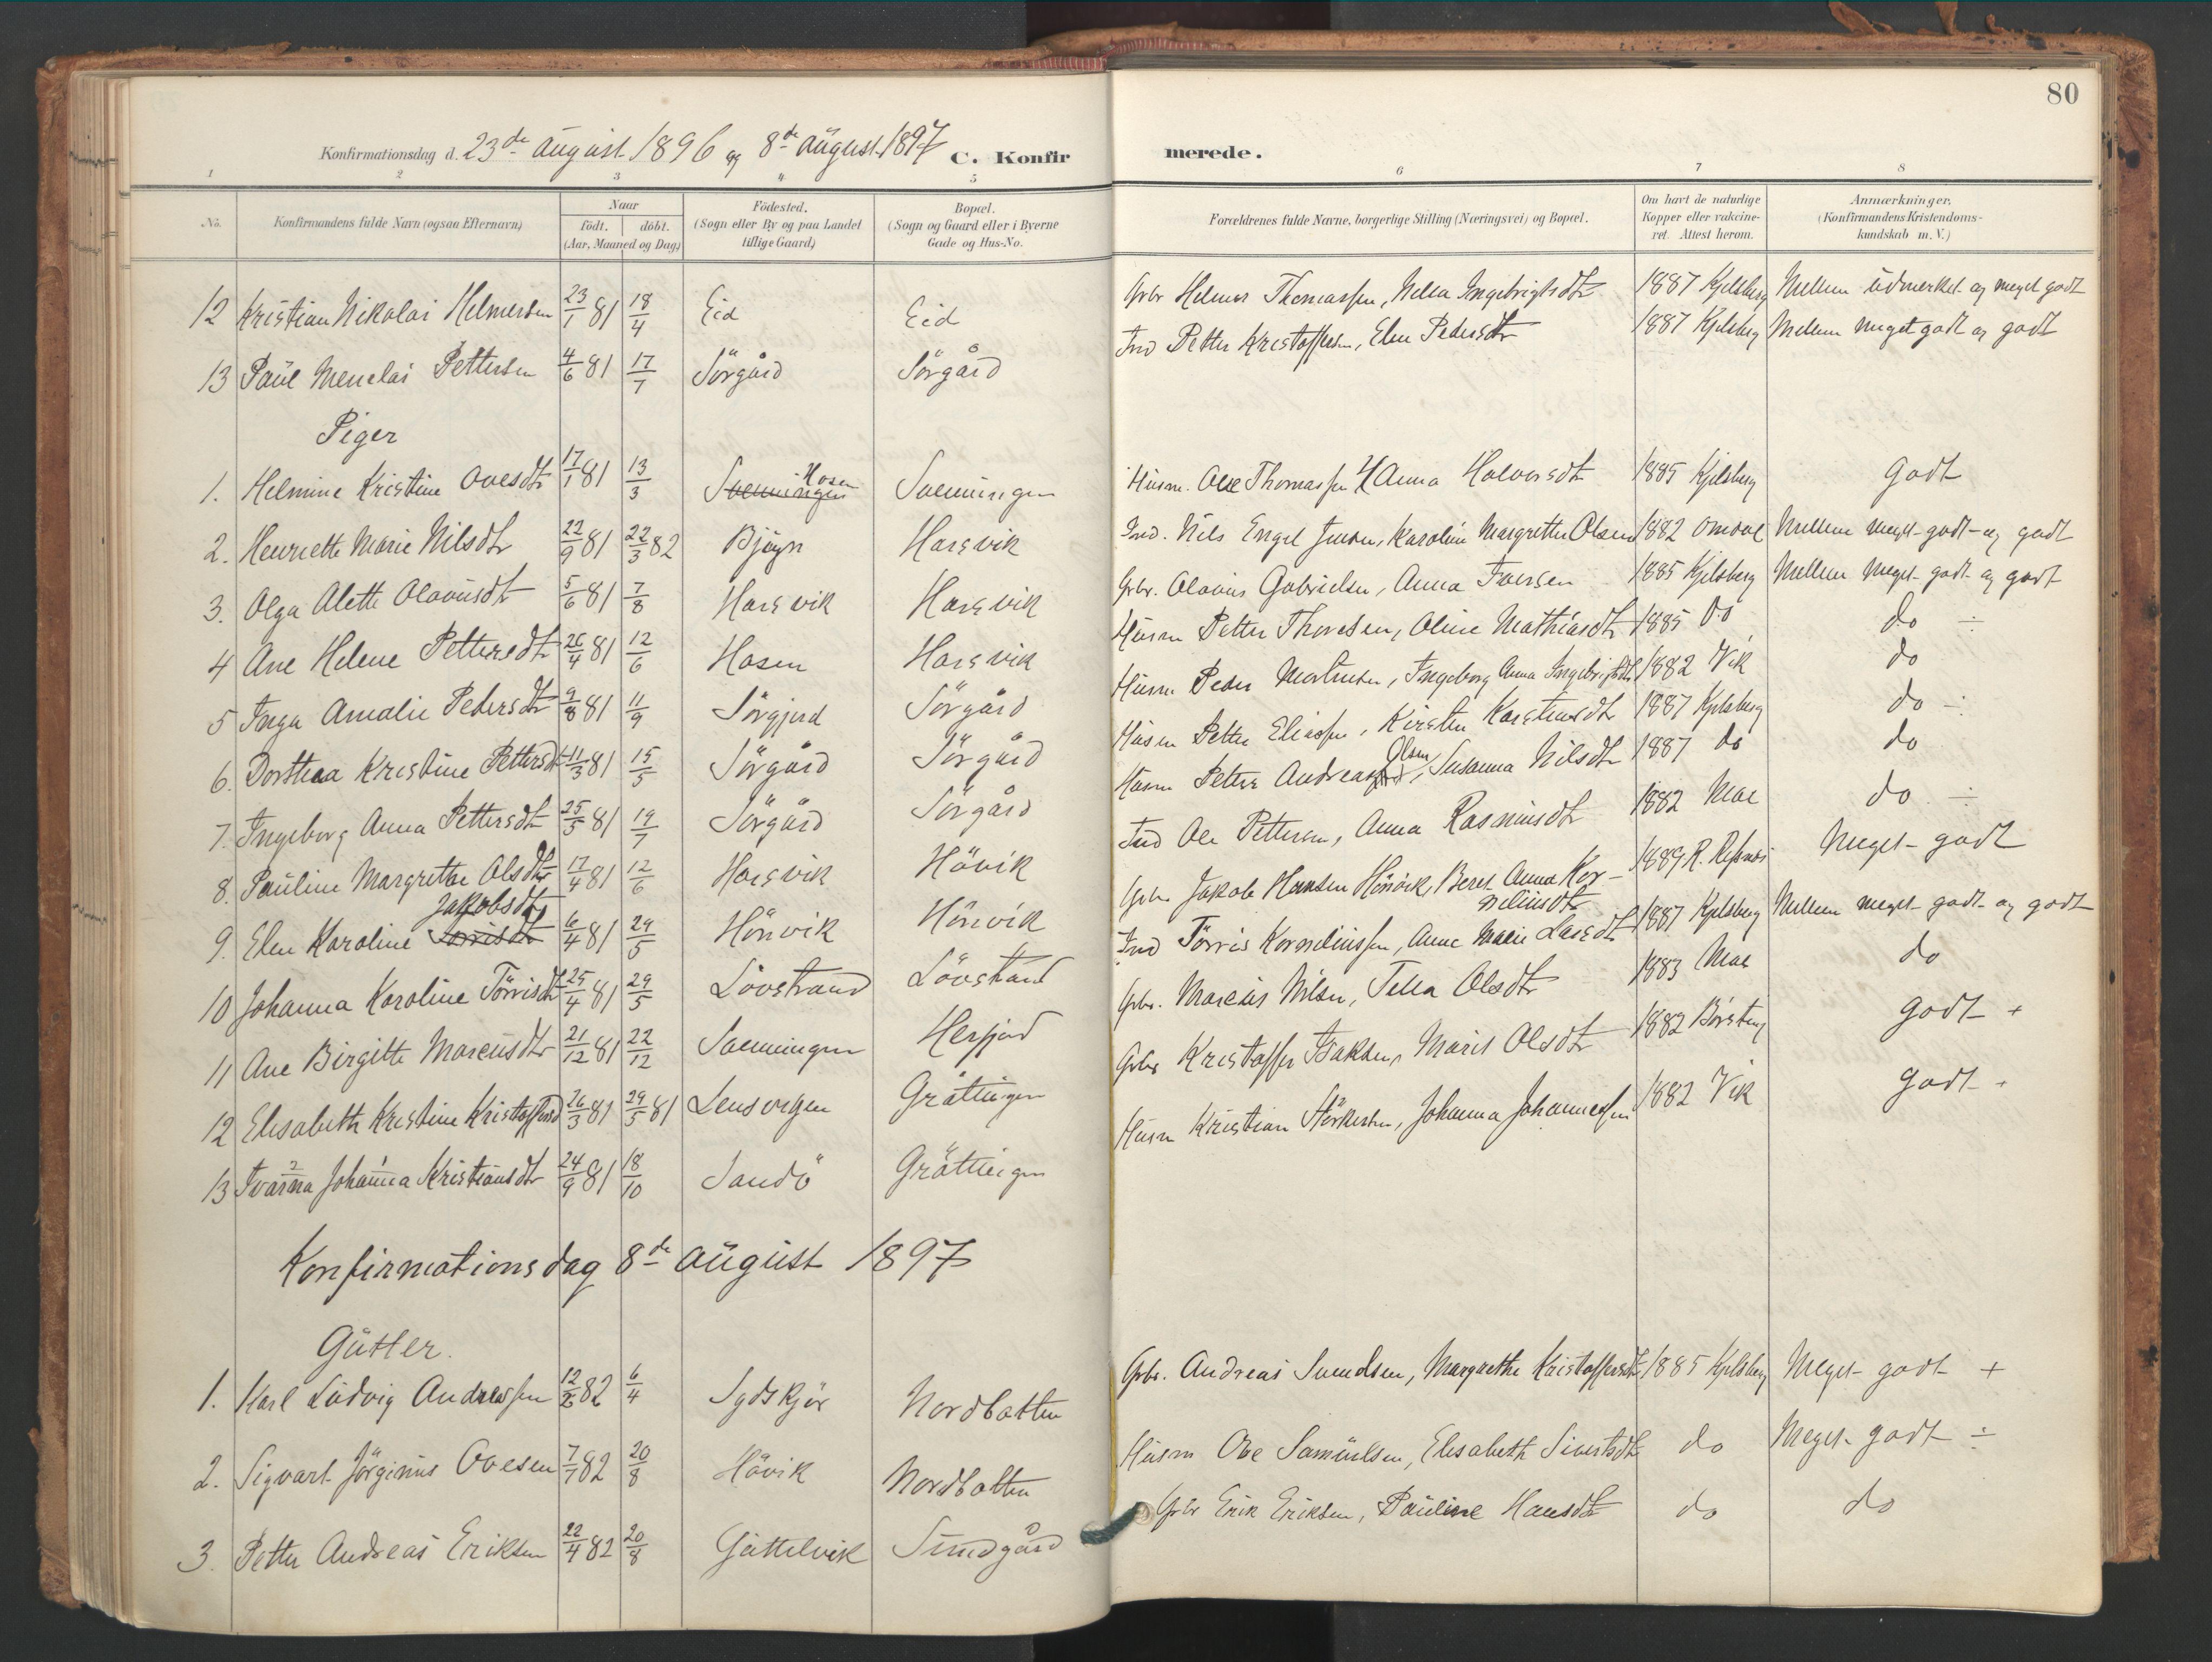 SAT, Ministerialprotokoller, klokkerbøker og fødselsregistre - Sør-Trøndelag, 656/L0693: Ministerialbok nr. 656A02, 1894-1913, s. 80